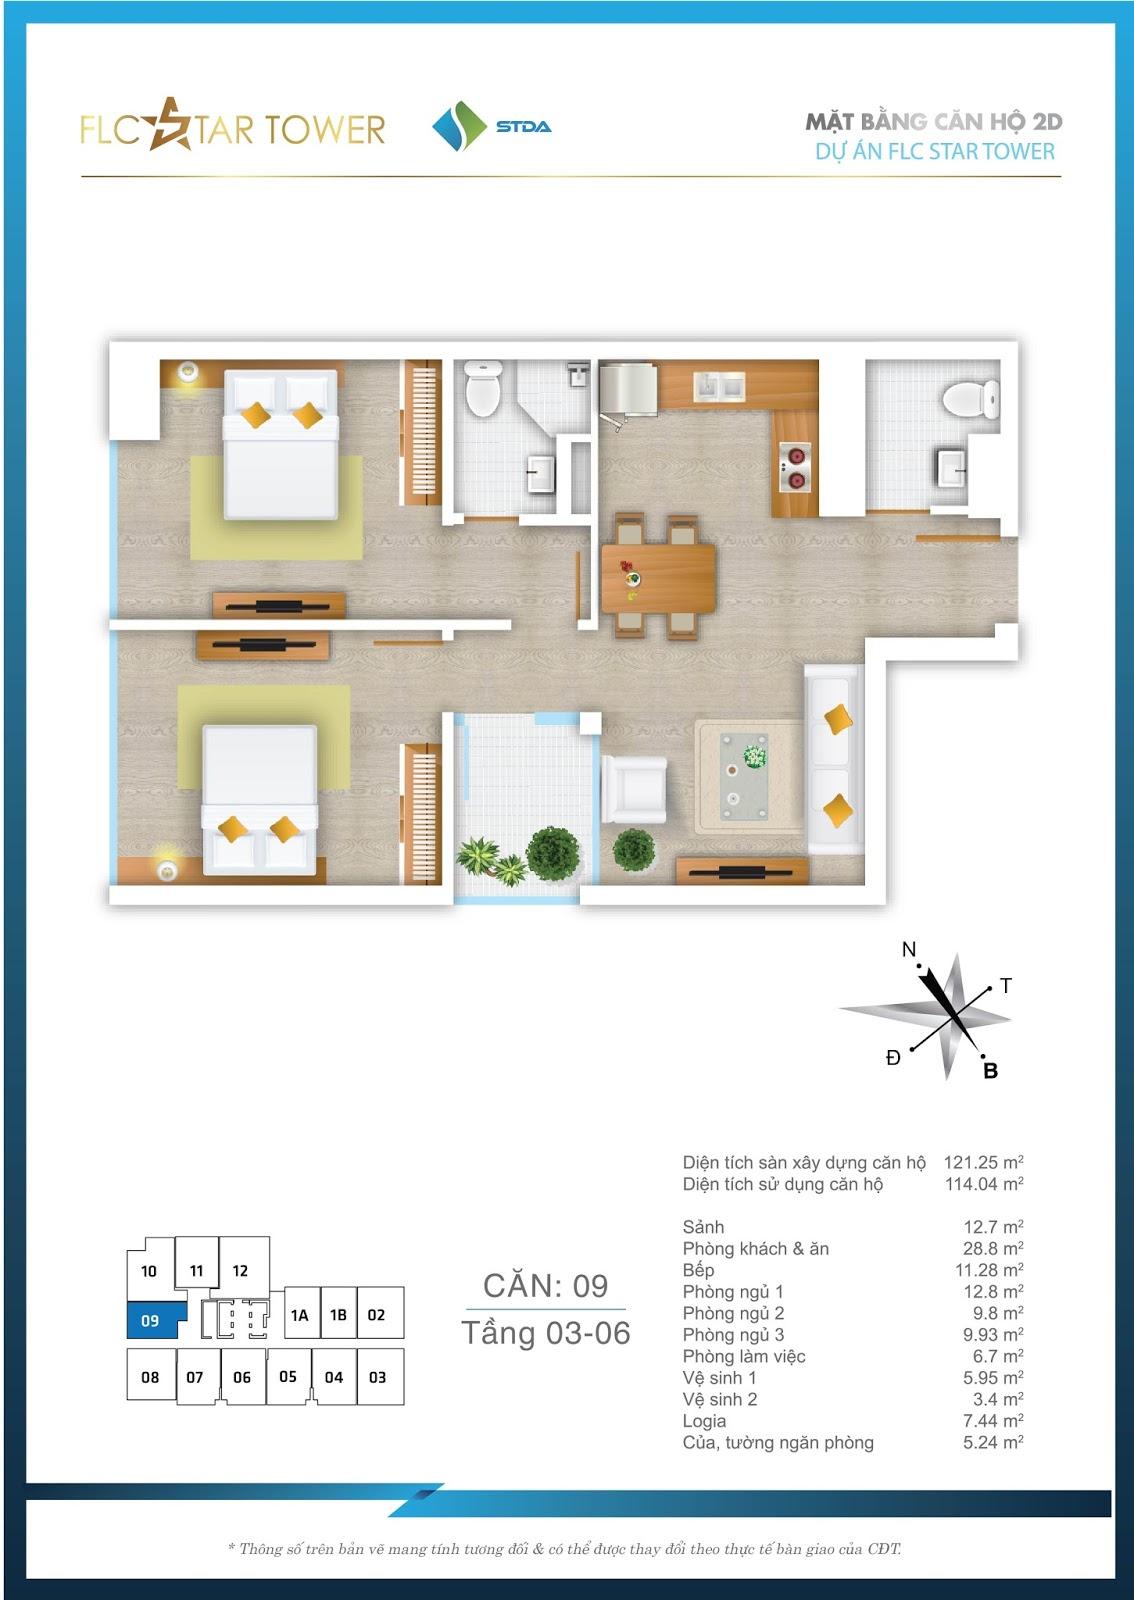 Thiết kế căn hộ 09 - Chung cư FLC Star Tower Hà Đông